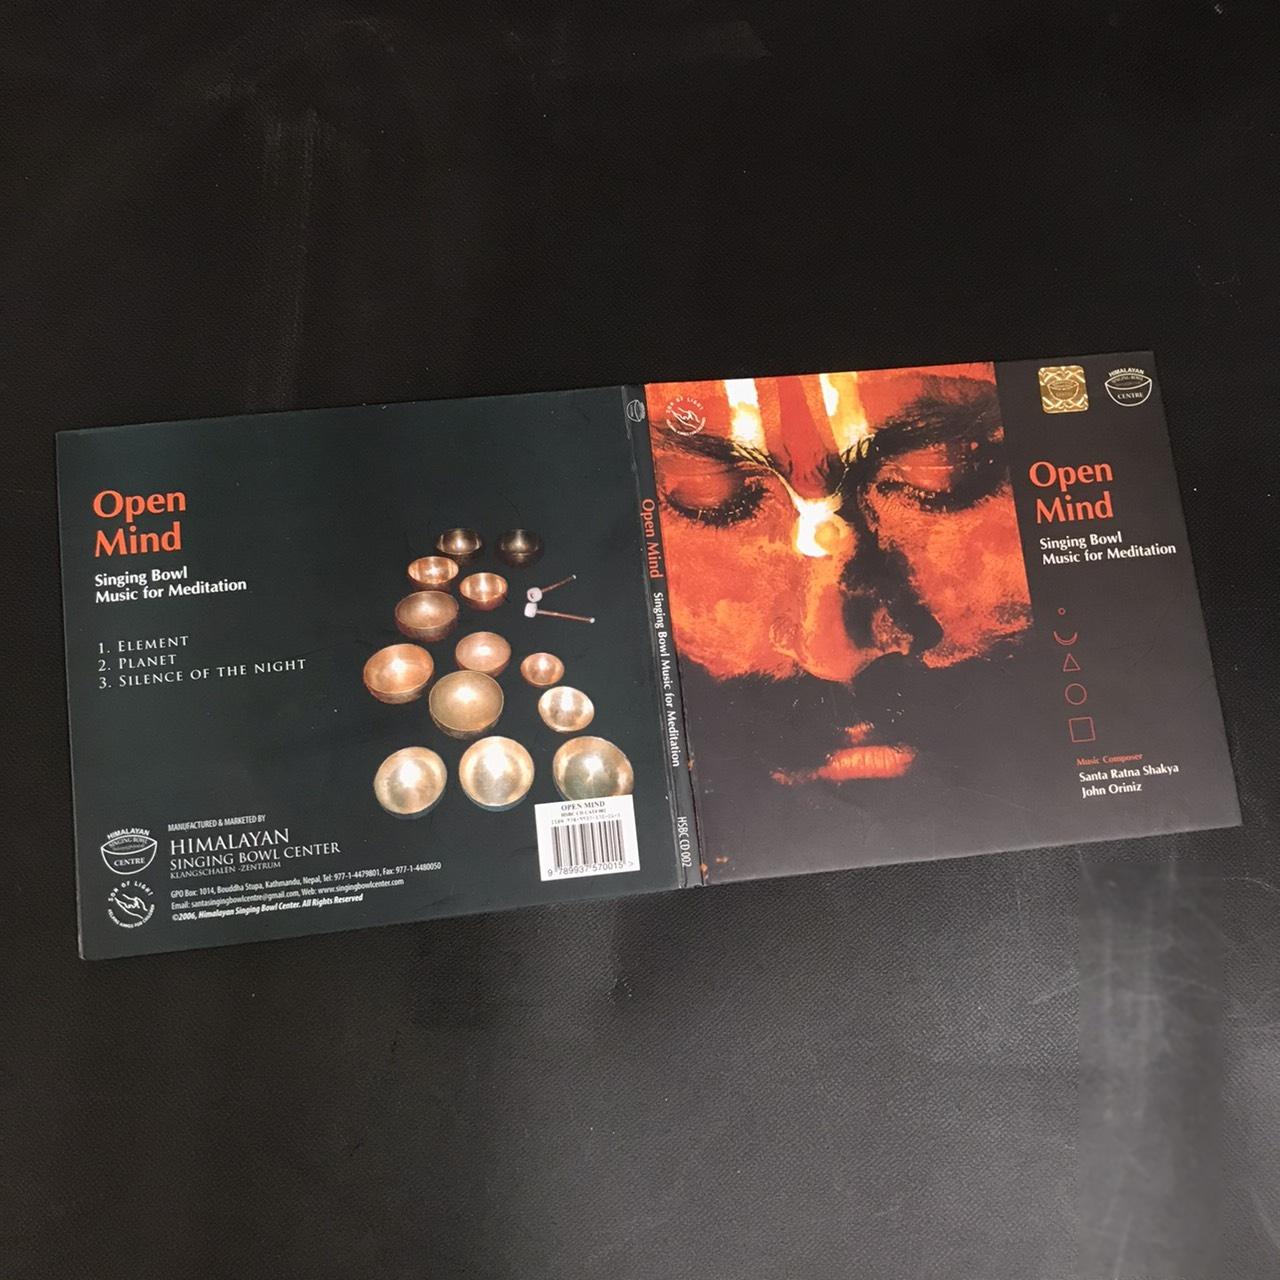 CD【Open Mind】シンギングボールのCD/サンタ・ラトナ・シャキア氏演奏/ヒマラヤンシンギングボールセンター監修【レターパックOK!(4枚まで)】